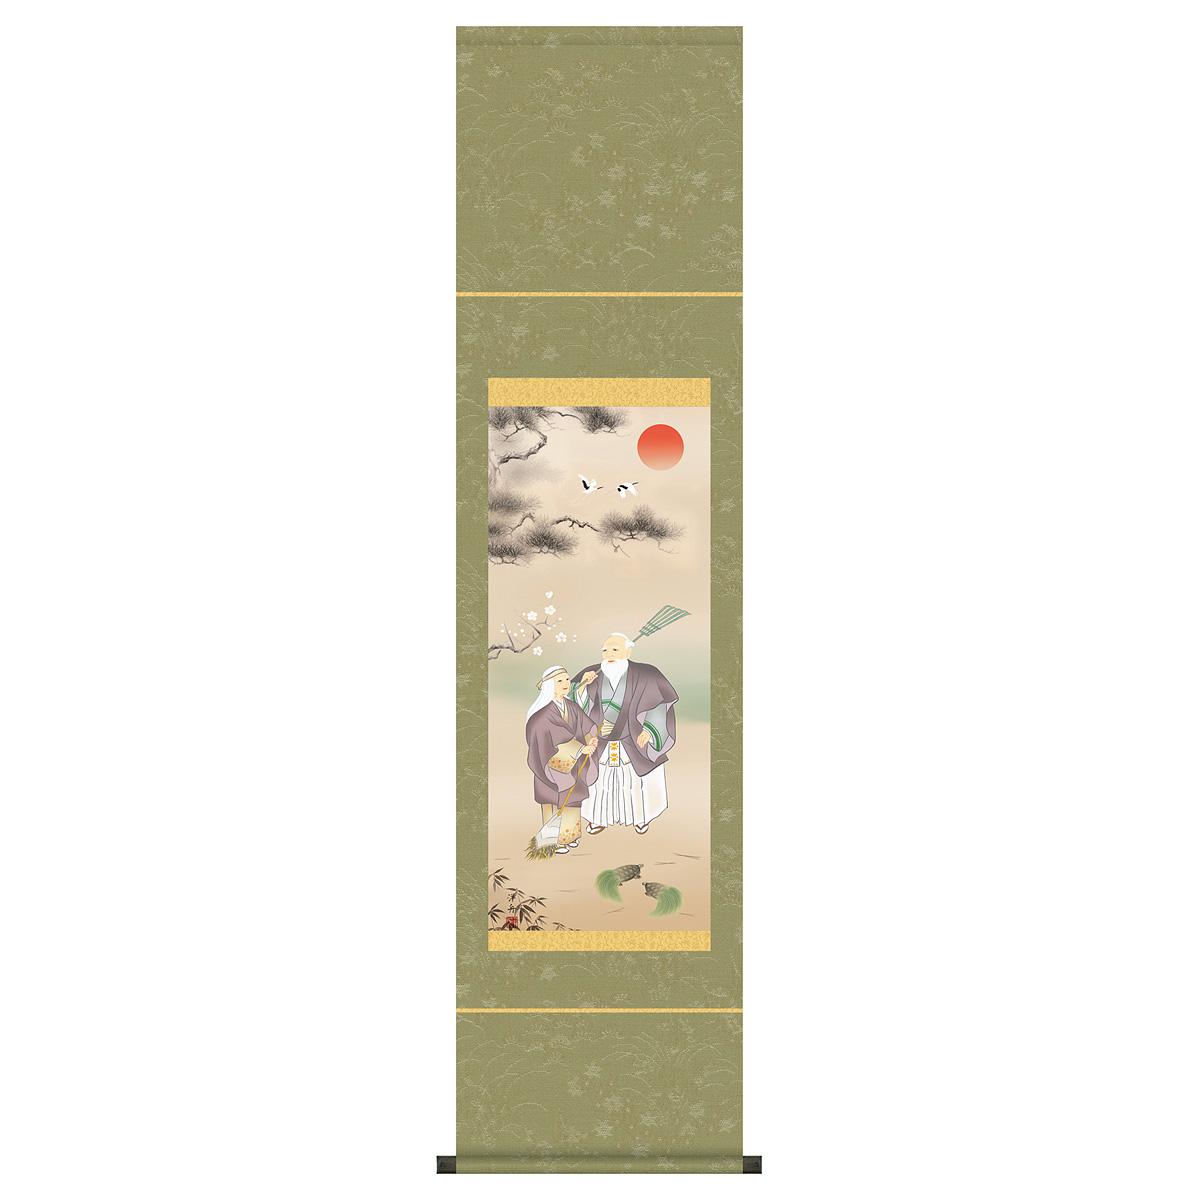 節句 正月 掛け軸 「小野洋舟(幸洋会)作 高砂 掛け軸」2019年雛人形 ●正月飾り